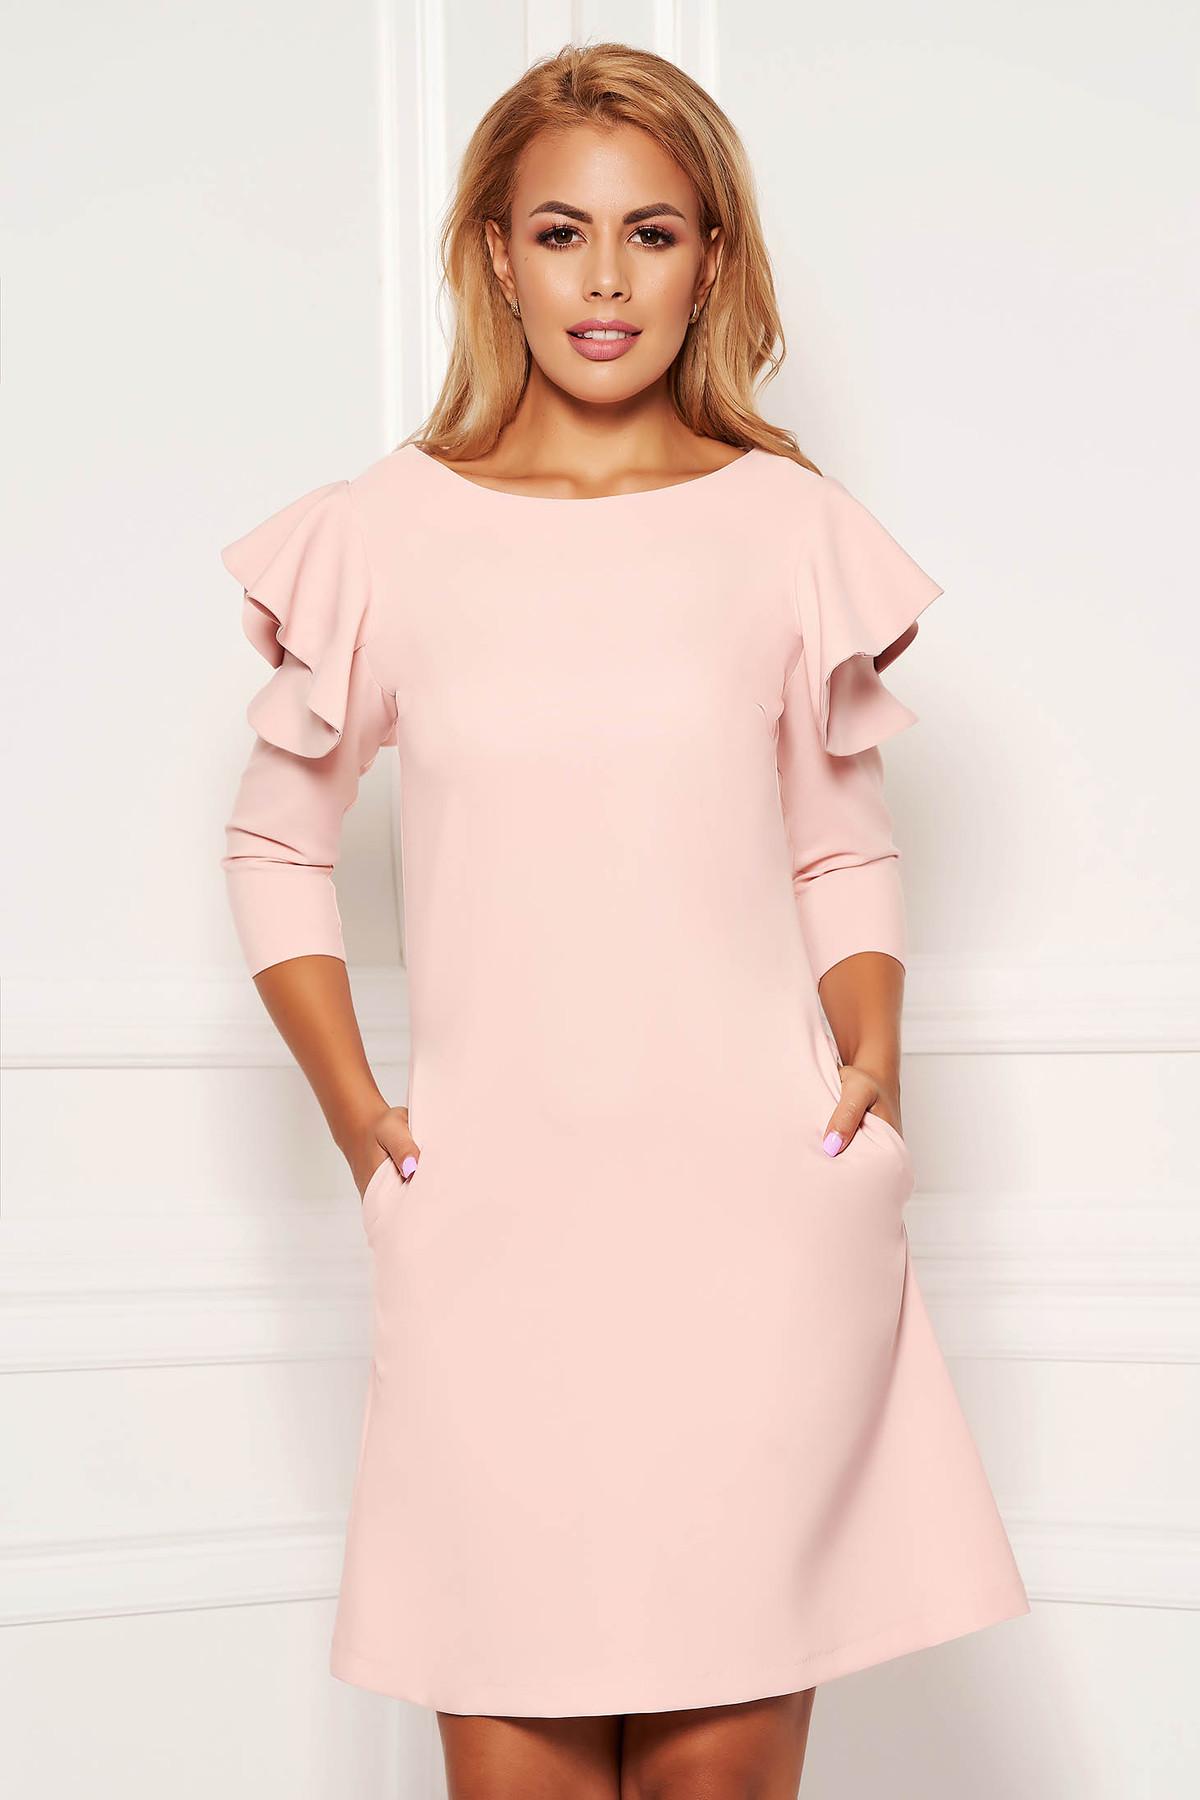 Rochie LaDonna roz deschis de zi cu croi in A din stofa usor elastica cu volanase la maneca